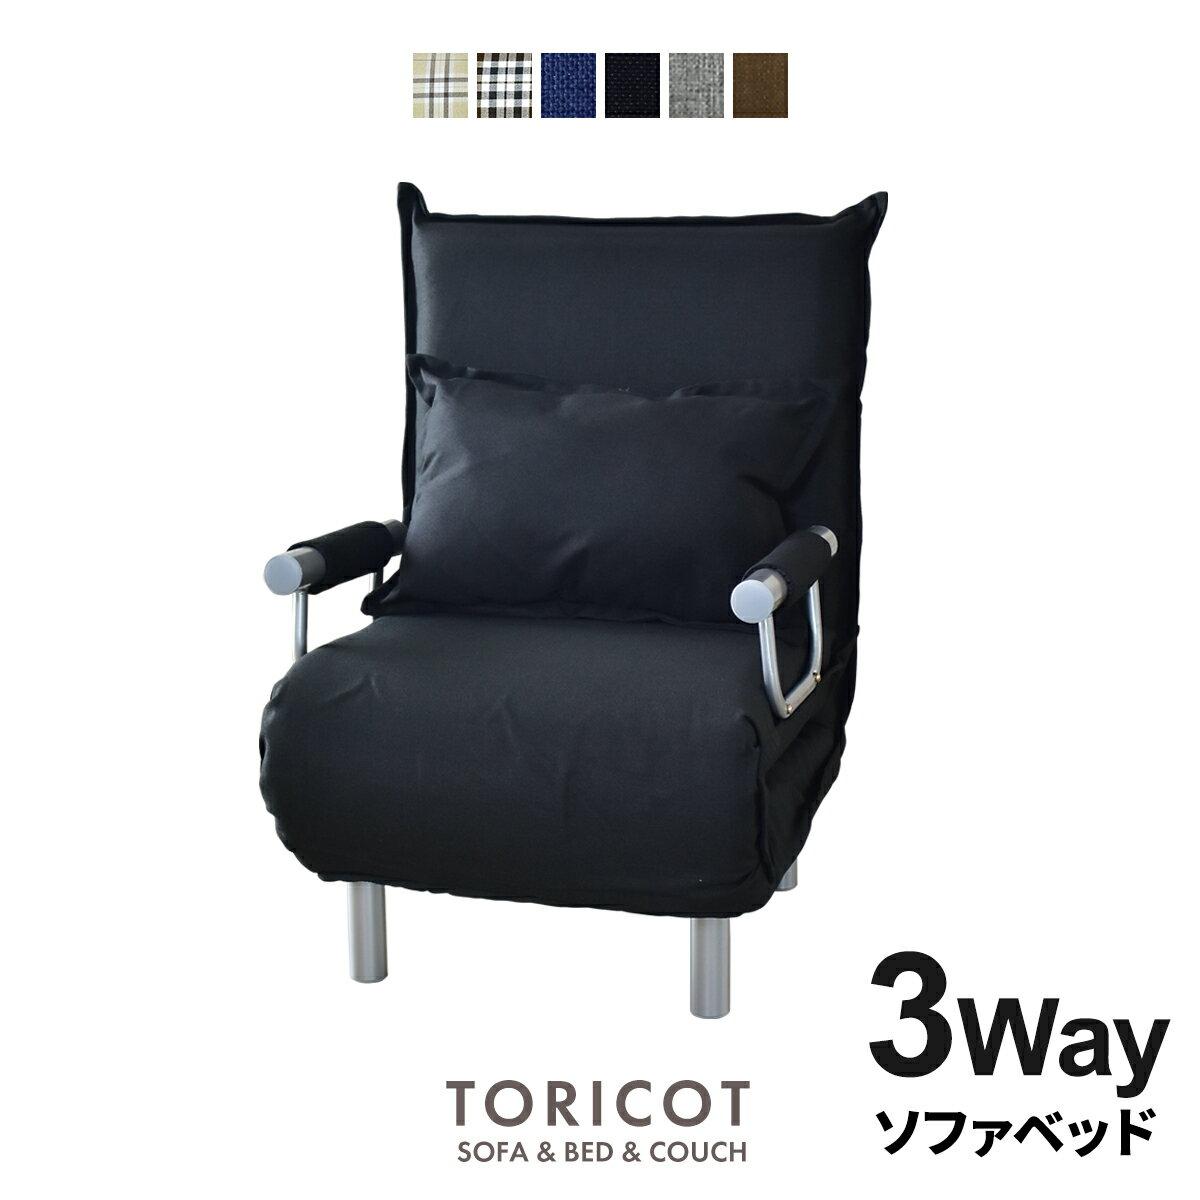 【送料無料】ソファーベッド ソファベッド 折りたたみ ソファー ベッド 1人掛け シングル ロー